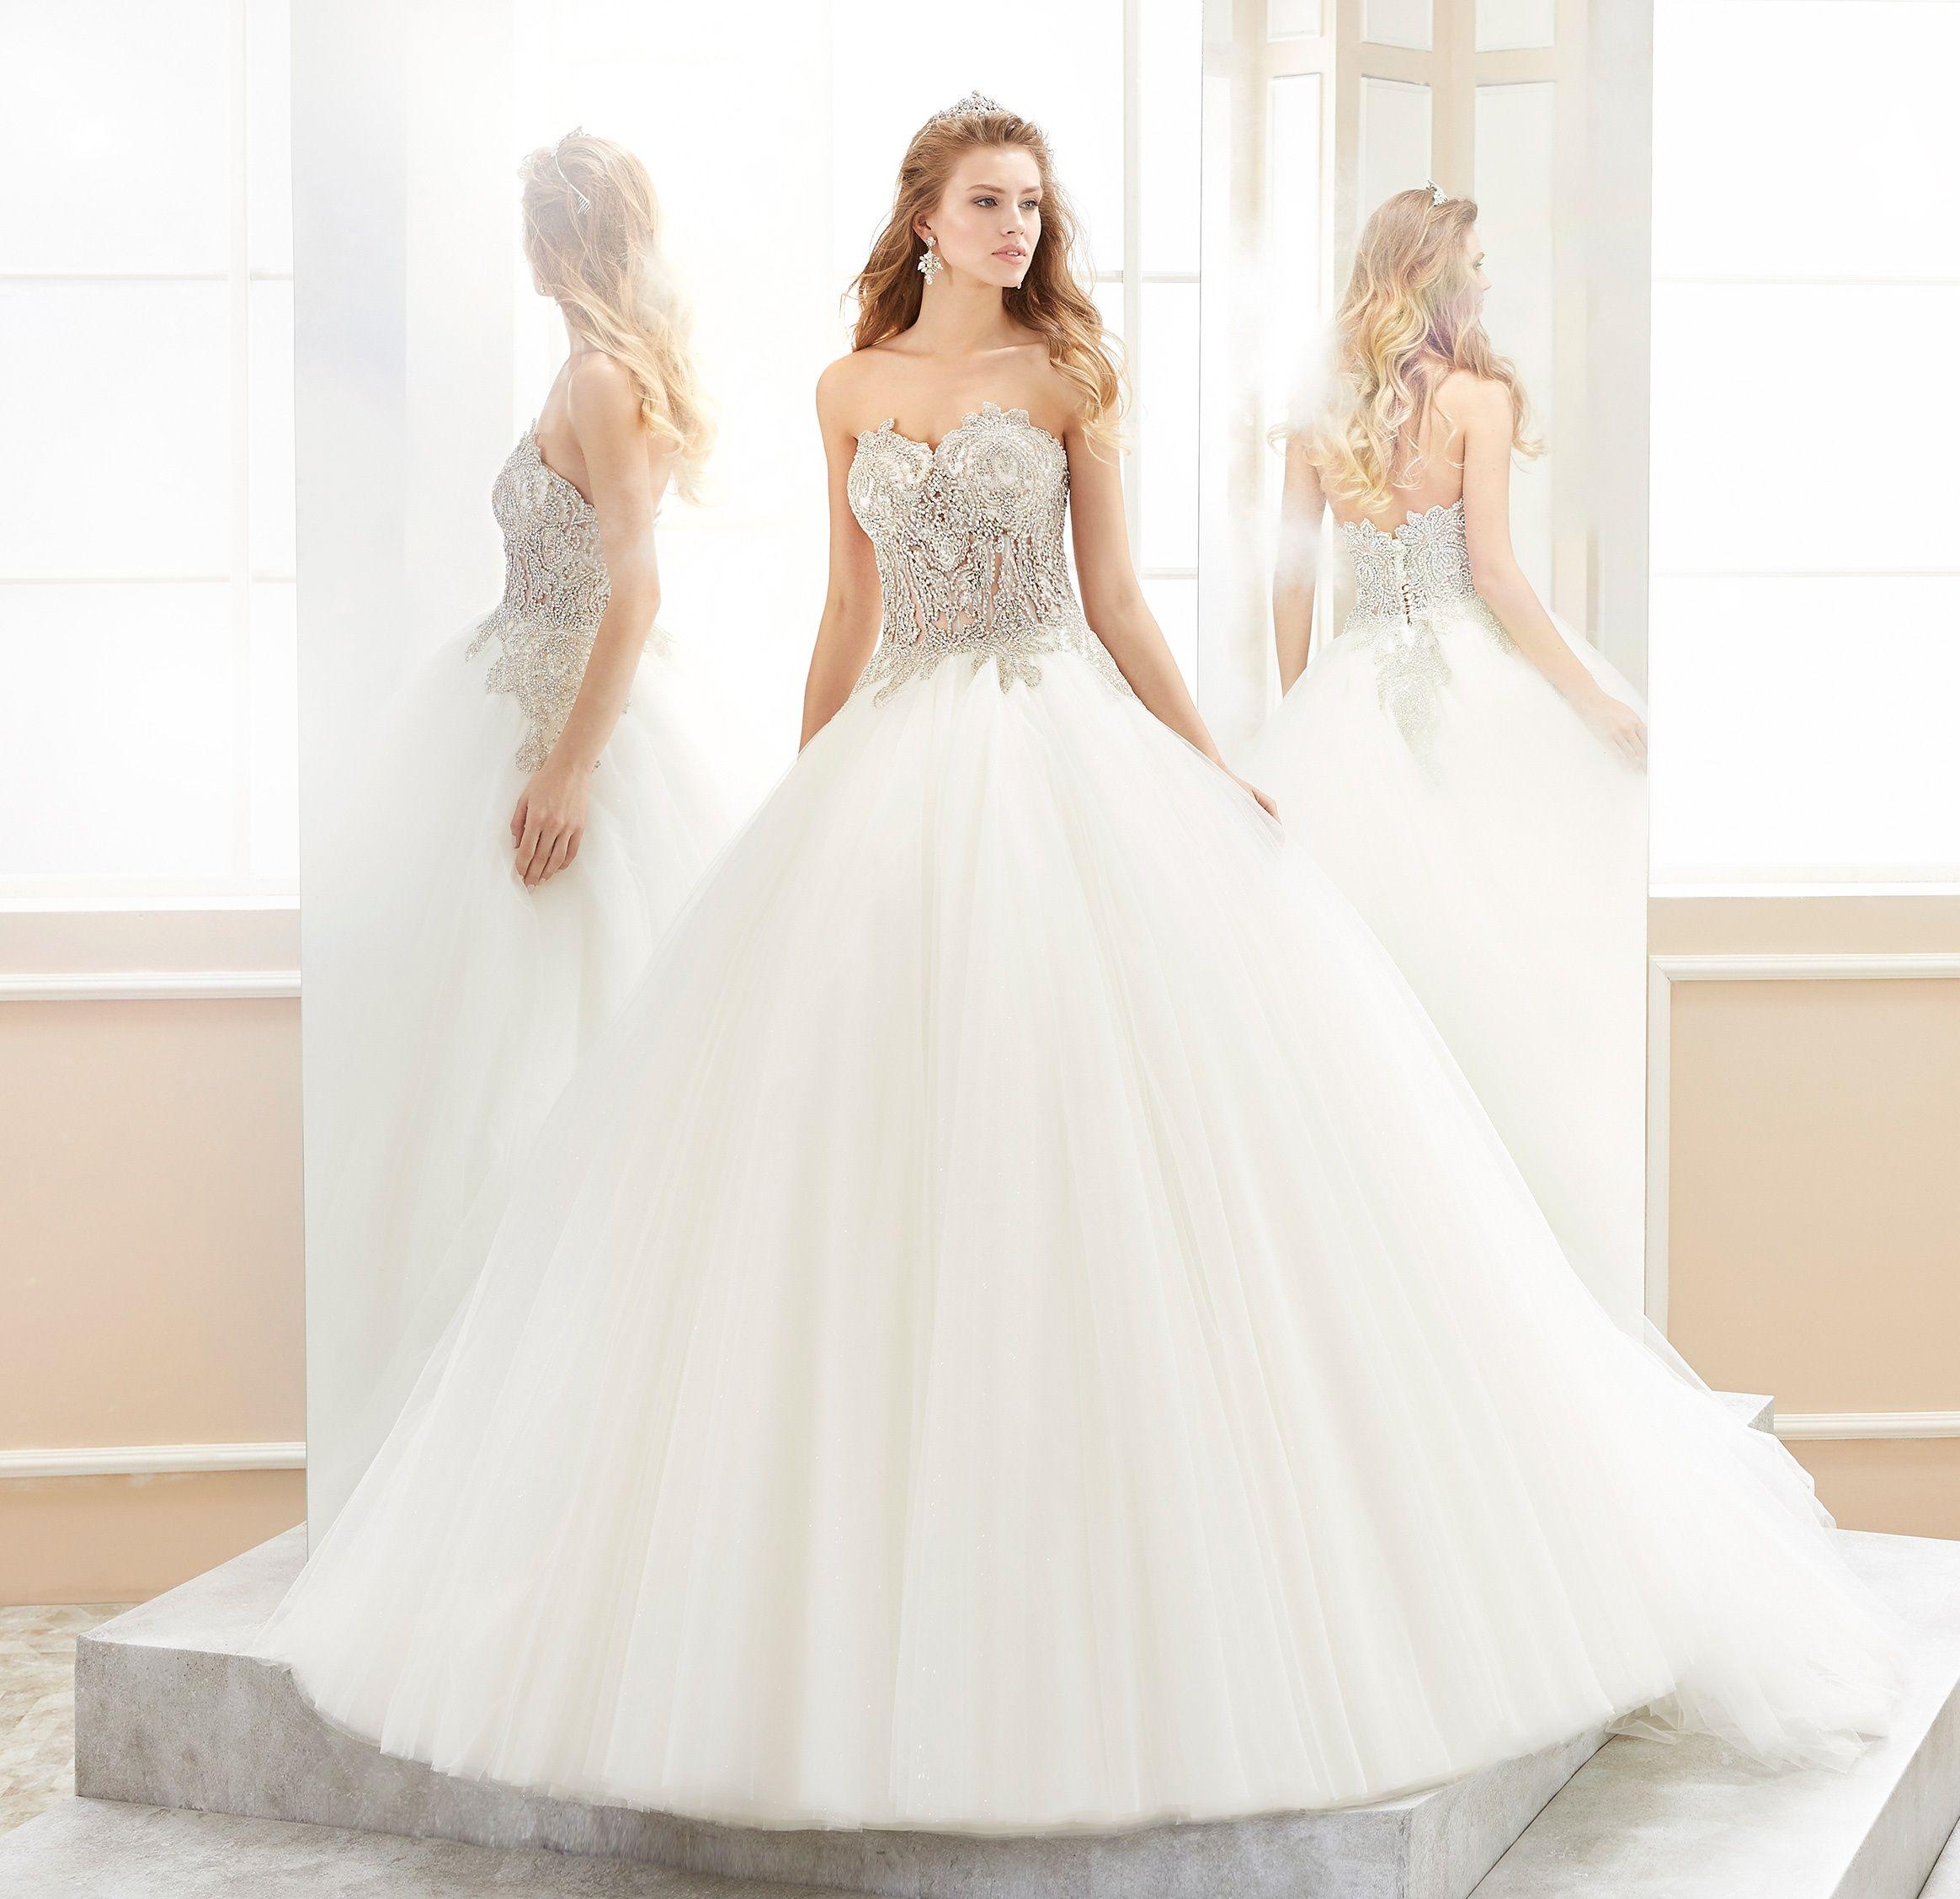 Moda sposa 2018 - Collezione ROMANCE. ROAB18823. Abito da sposa Nicole. 8a99d7dc757